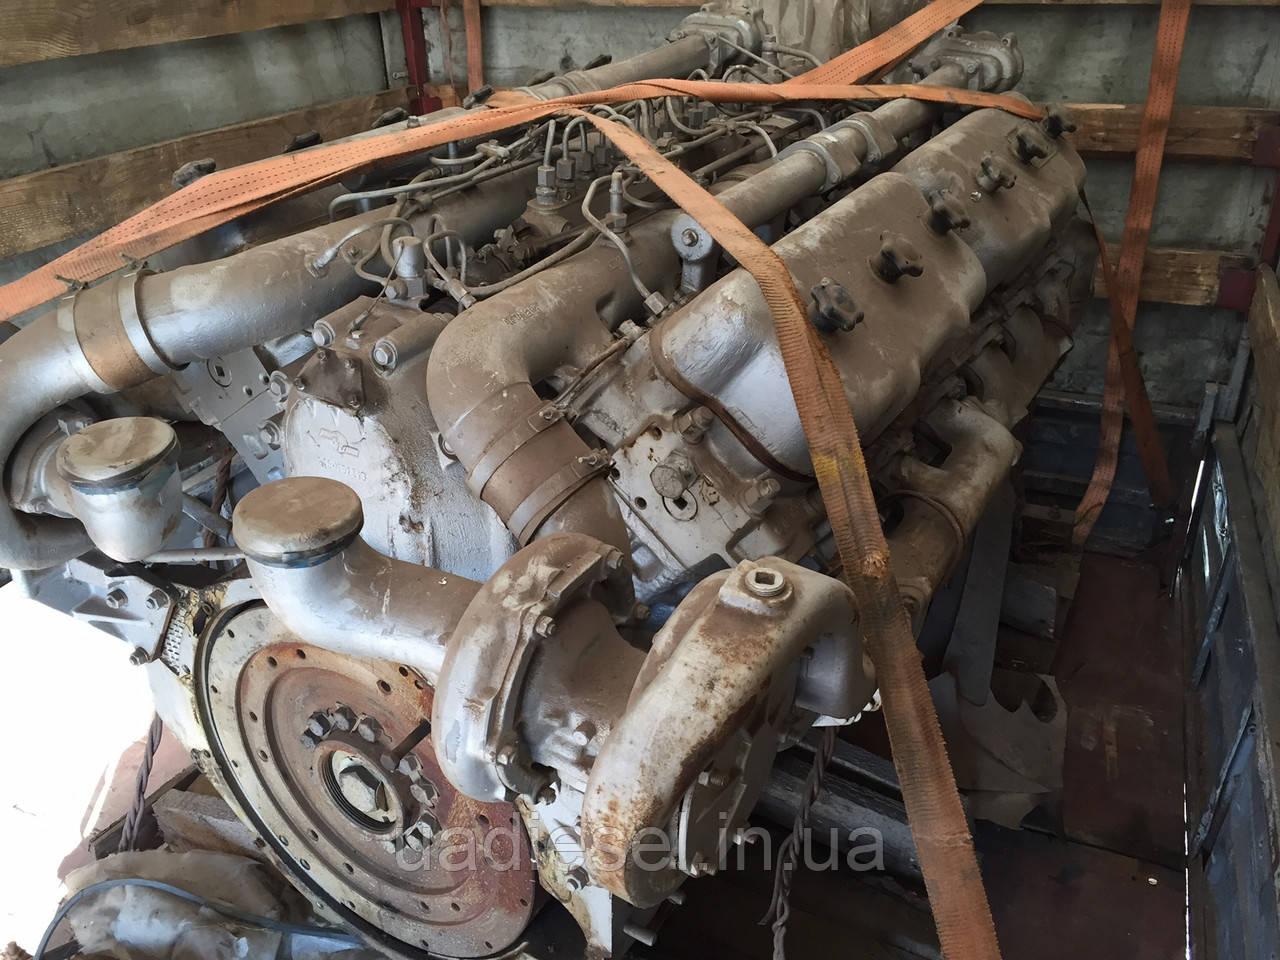 Купить Двигатель Д-245, Дизель Д-245, Двигатель МТЗ.